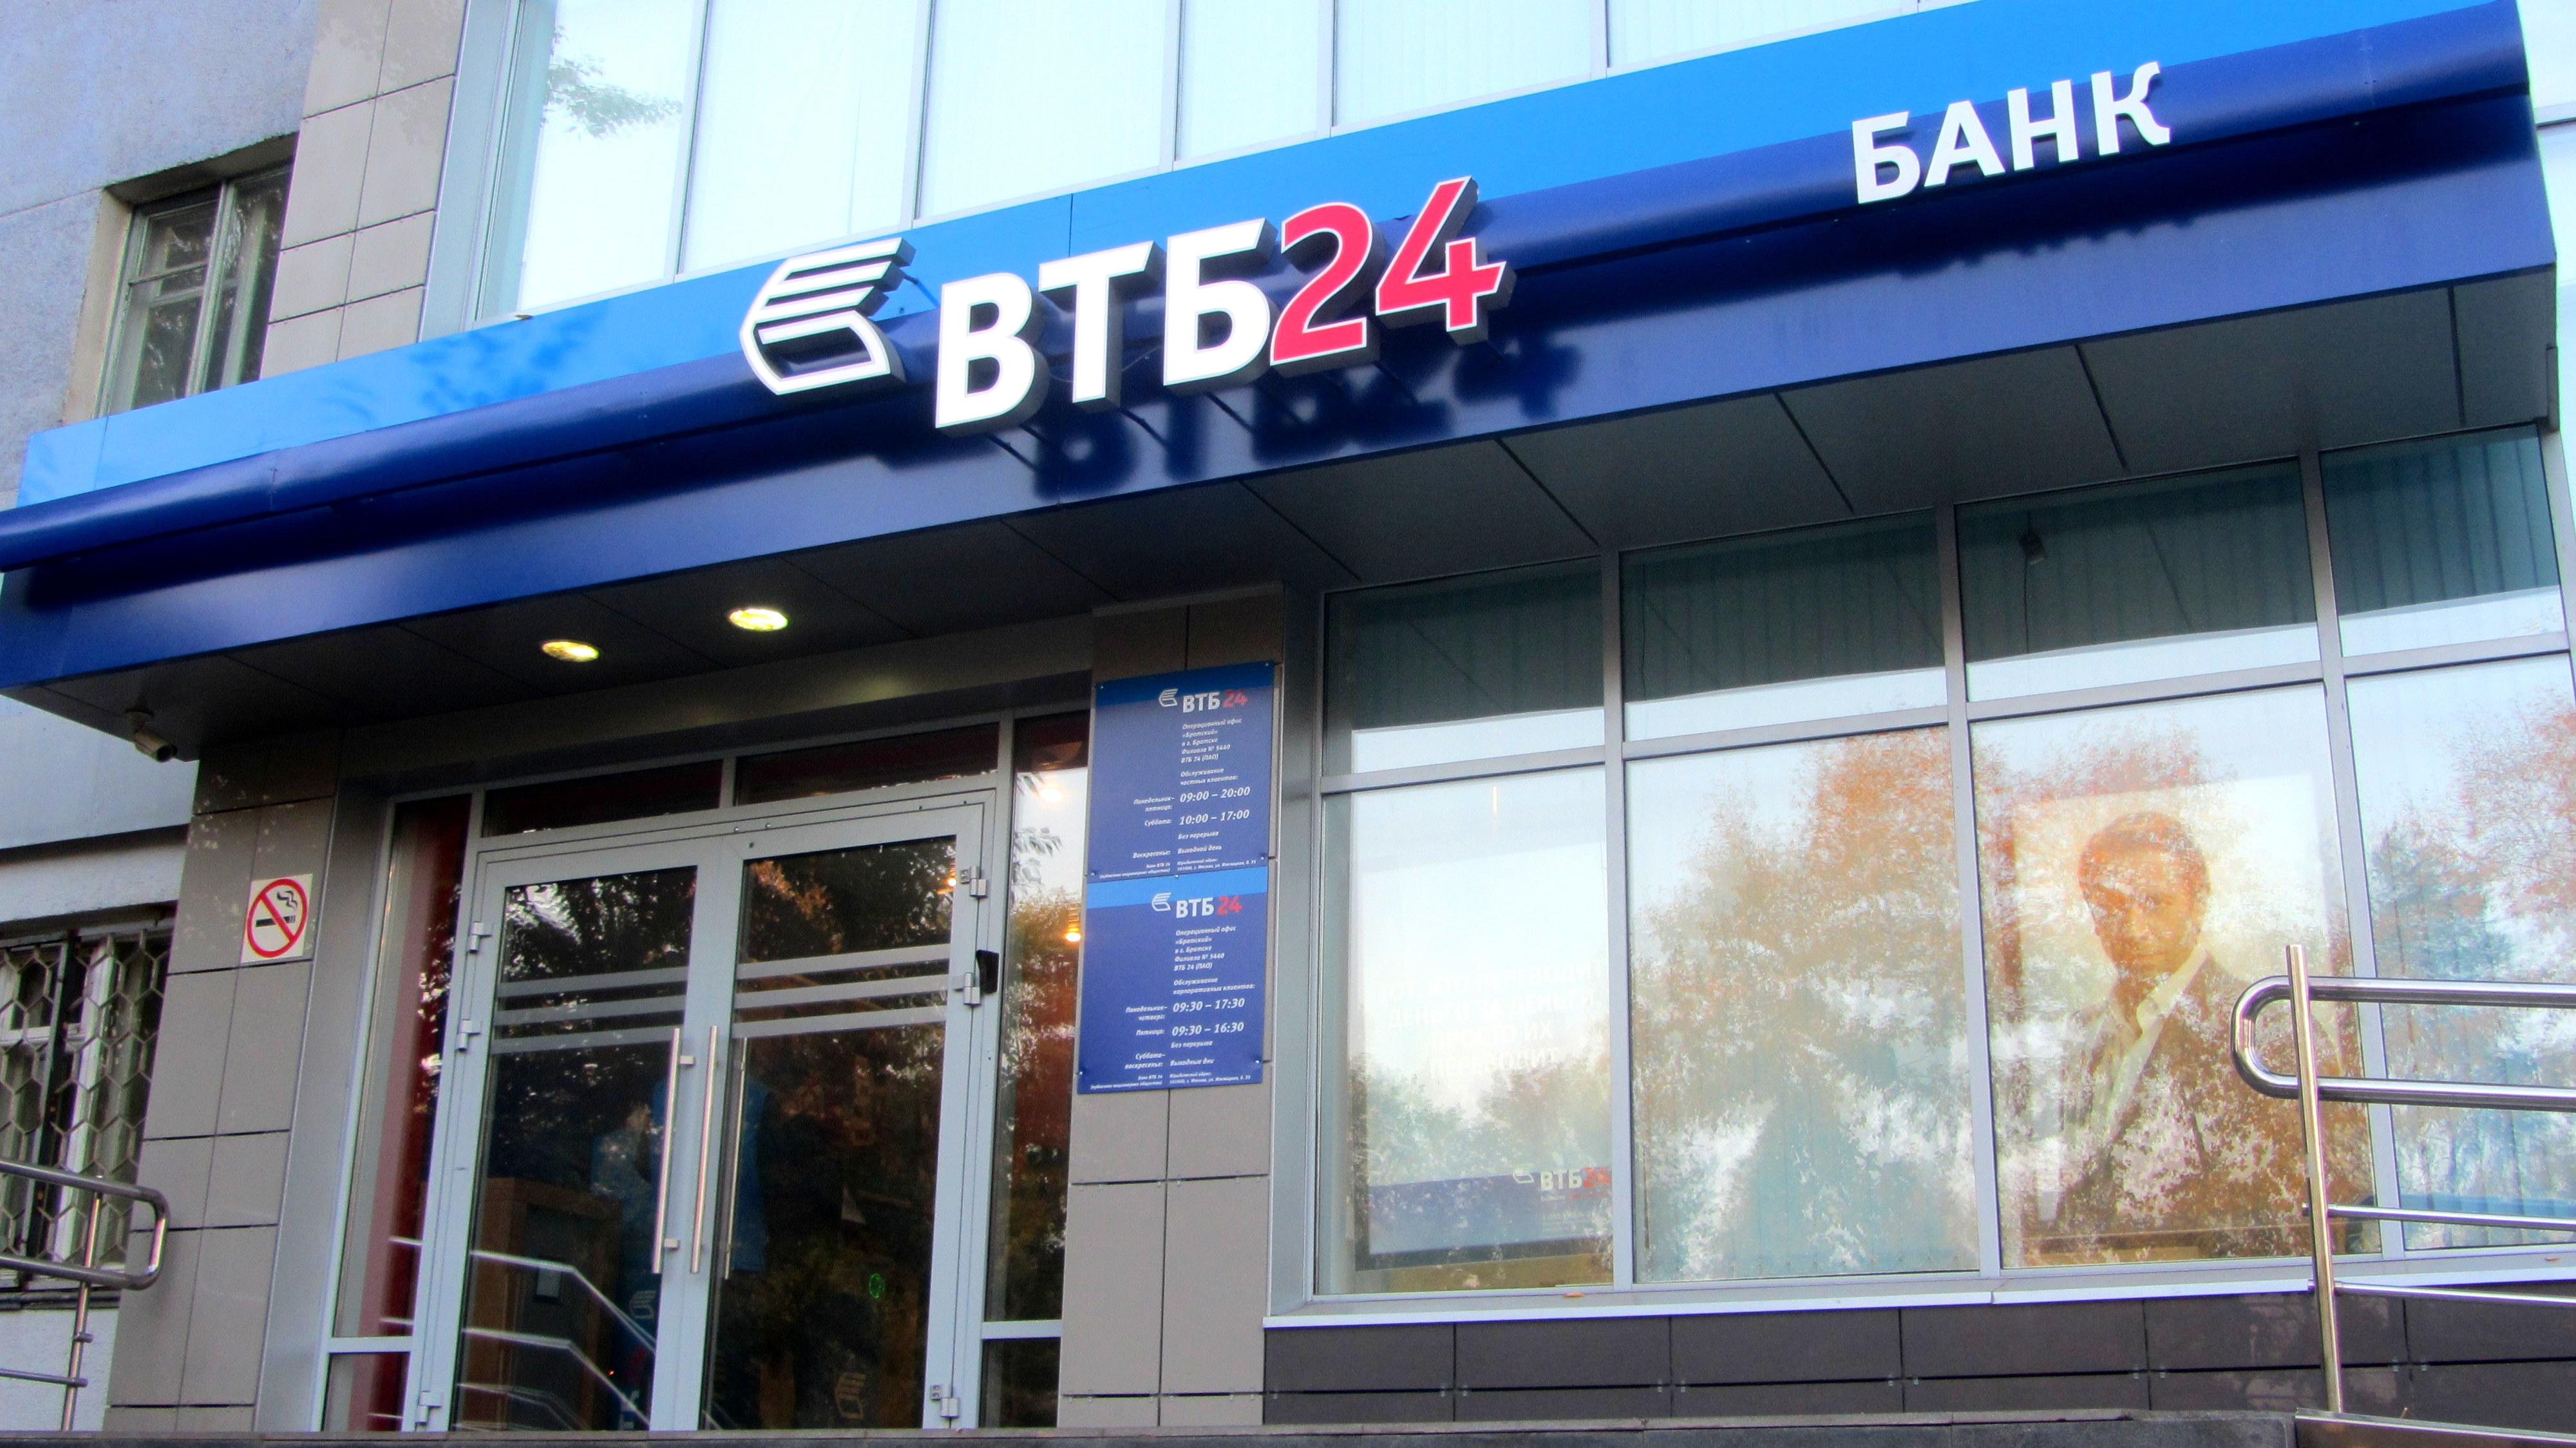 «Банк ВТБ 24» – банк с прочной репутацией